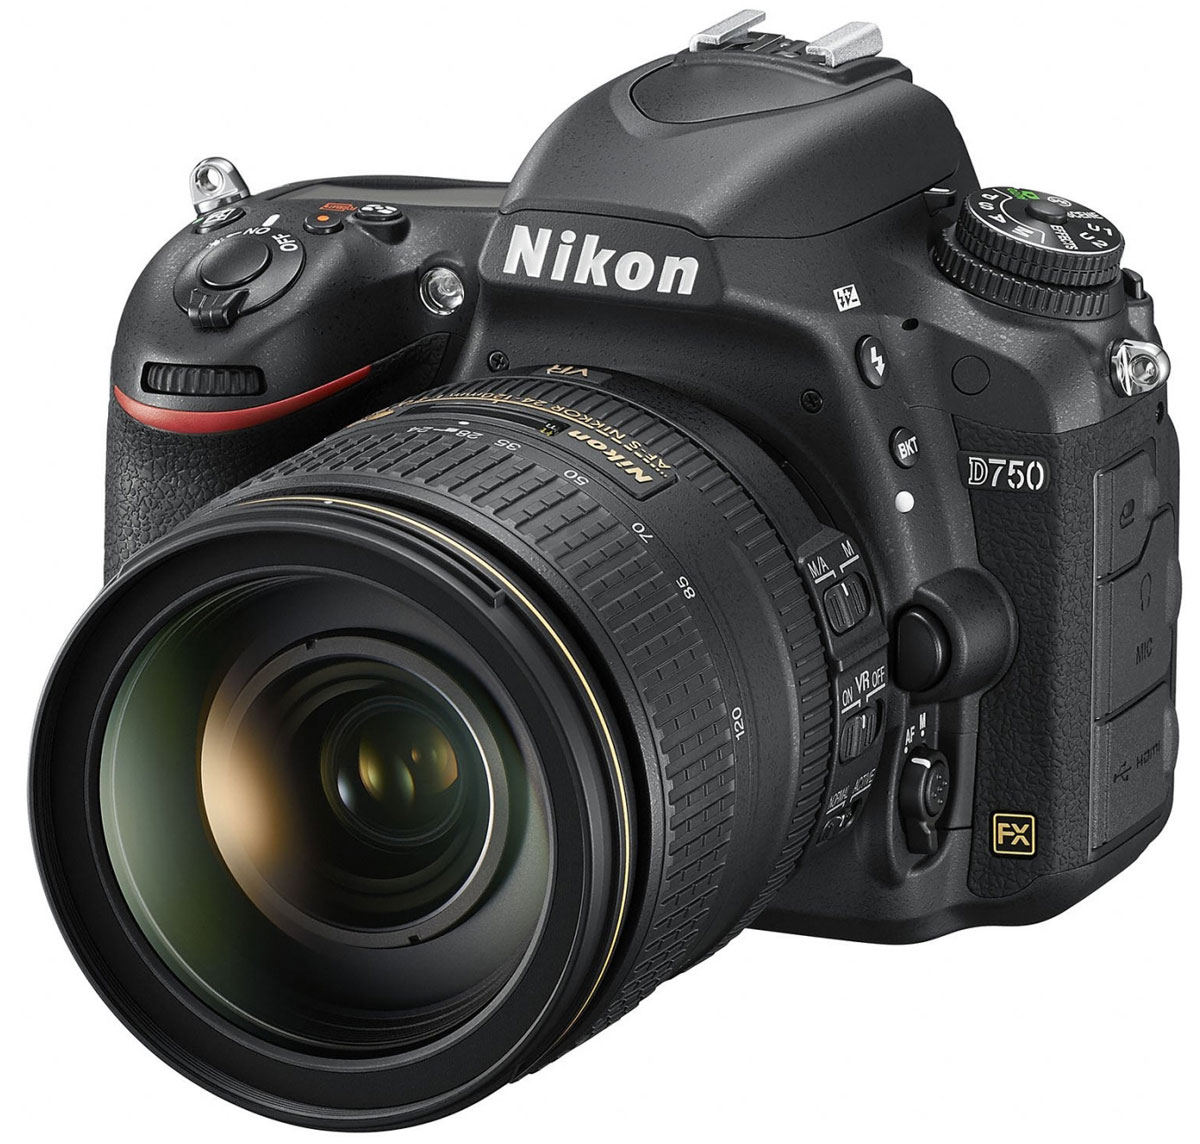 Nikon D750 Kit 24-120 VR цифровая зеркальная фотокамера